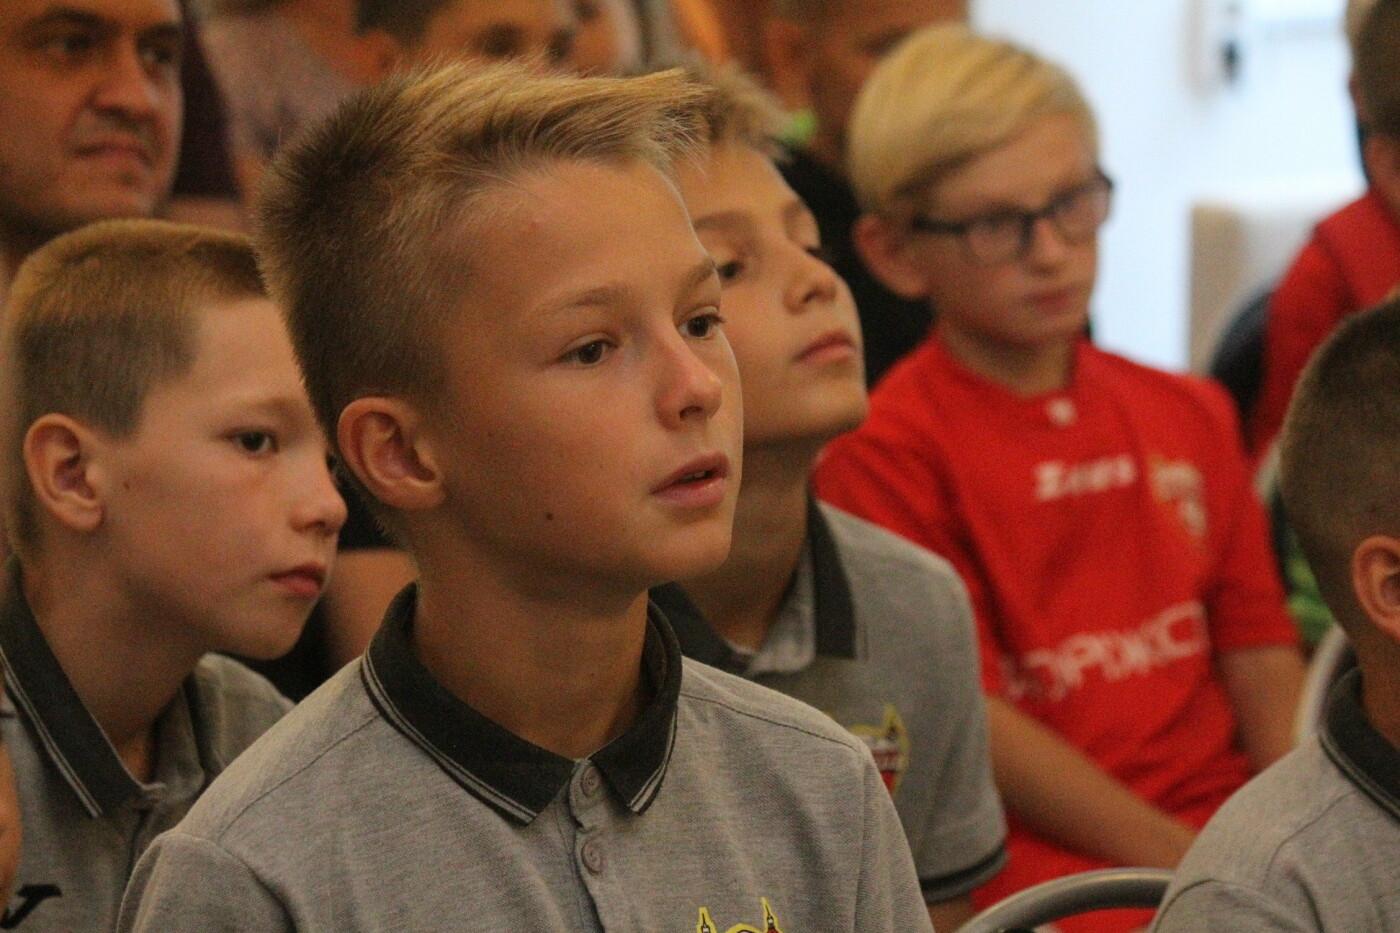 В туристическом центре прошла встреча с чемпионом мира по футболу, – ФОТО, фото-6